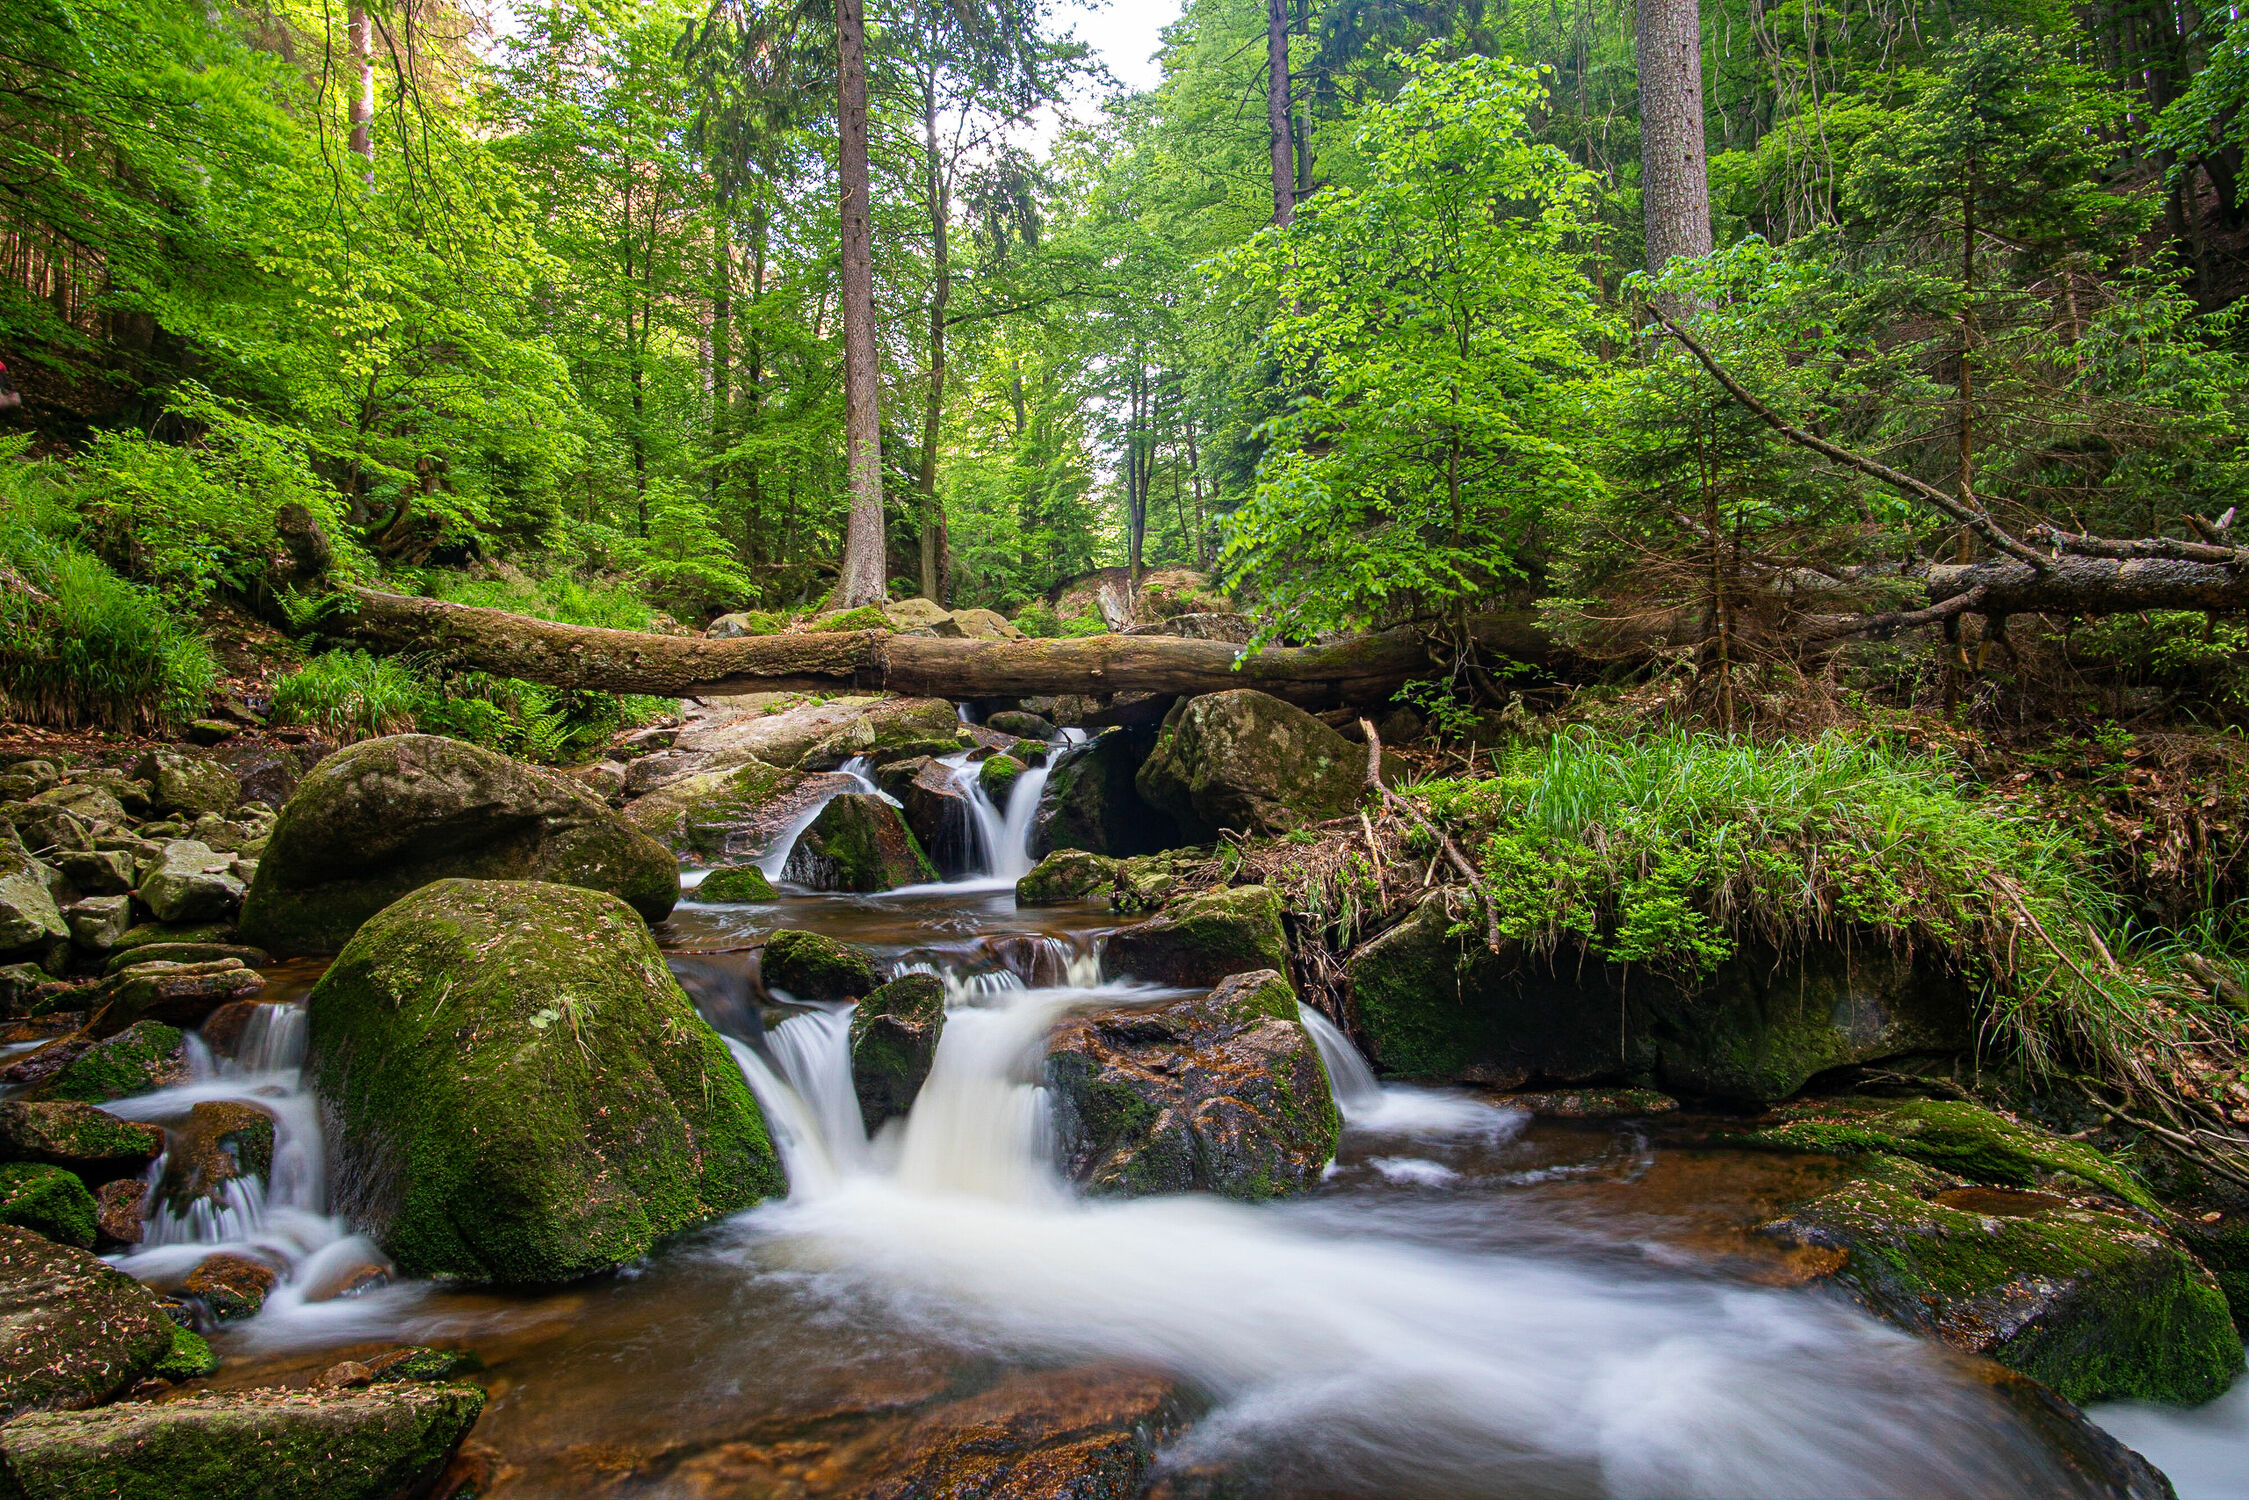 Bild mit Natur, Berge und Hügel, Bäume, Wald, Landschaft, Steine, Bach, Wasserfall, Harz, Ilsefälle